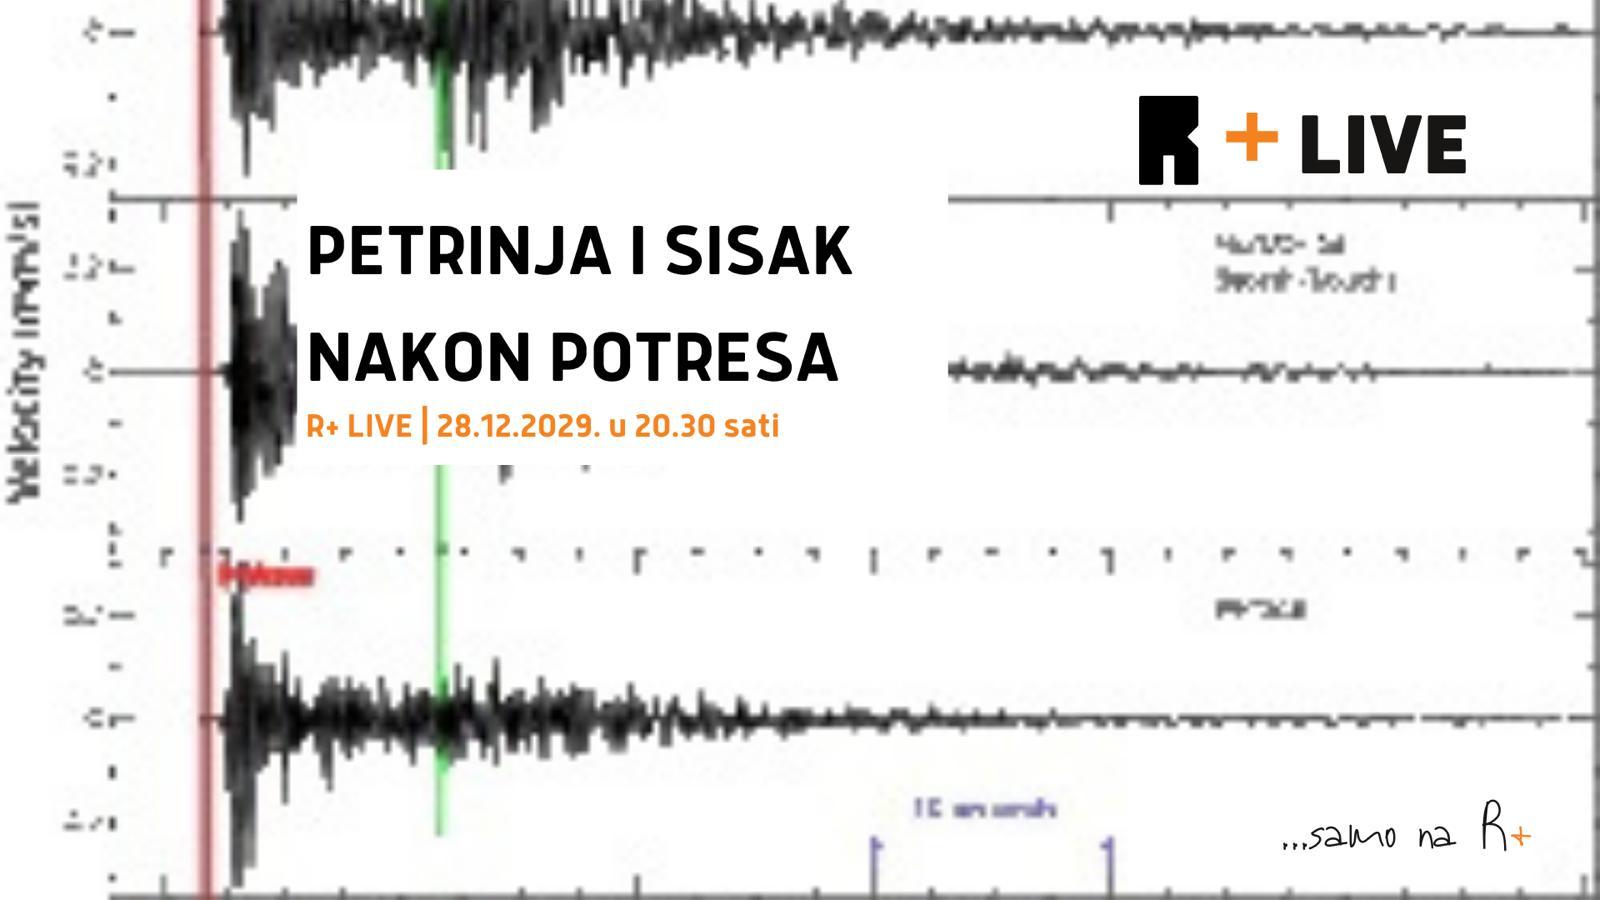 R+ LIVE: Petrinja i Sisak nakon potresa | Alma Trauber, Ana Cvitaš i Zvonimir Martinovi?